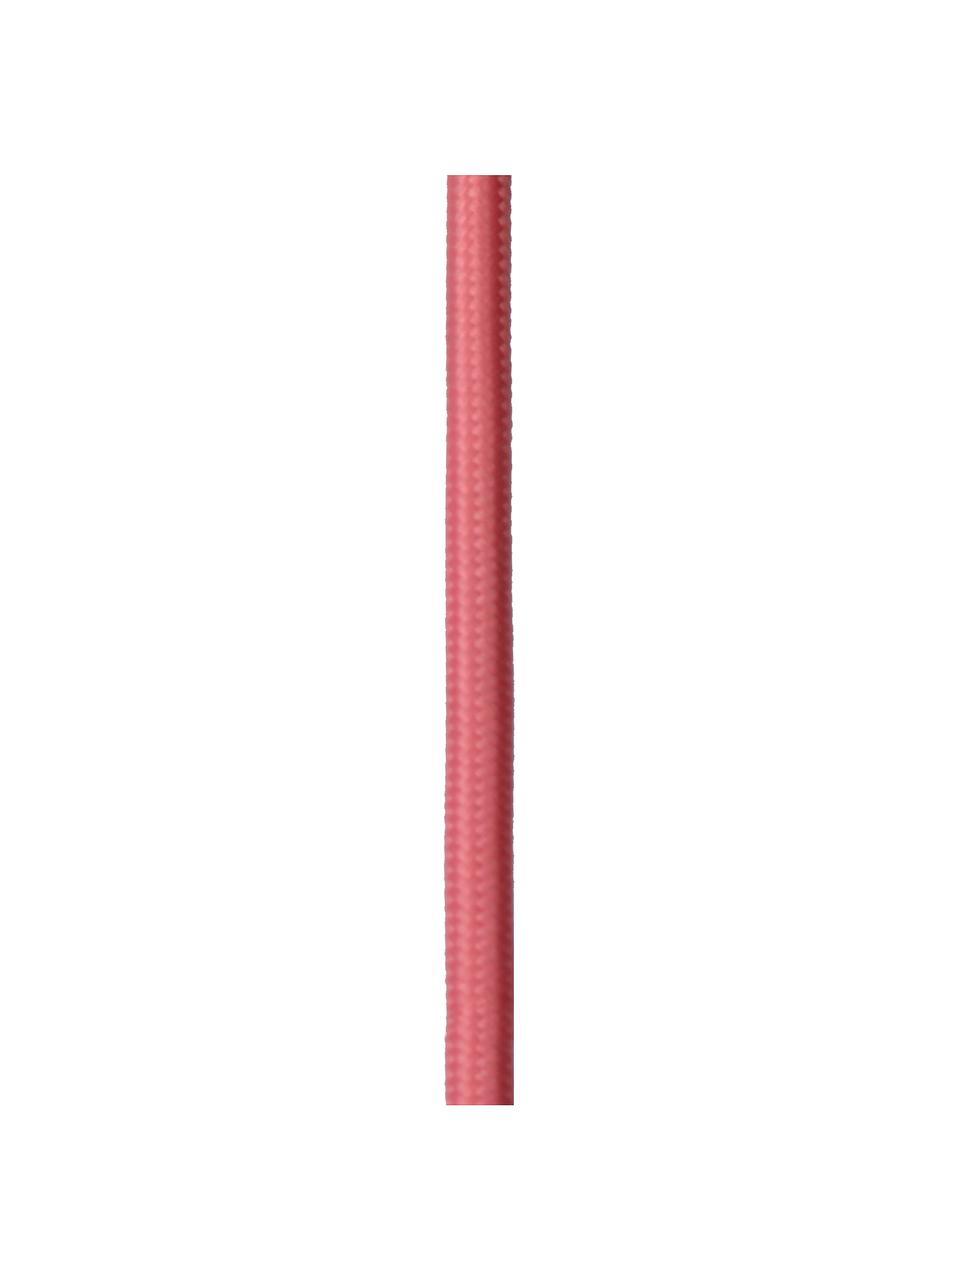 Wandleuchte Pola mit Stecker, Rosa, Braun, 12 x 22 cm